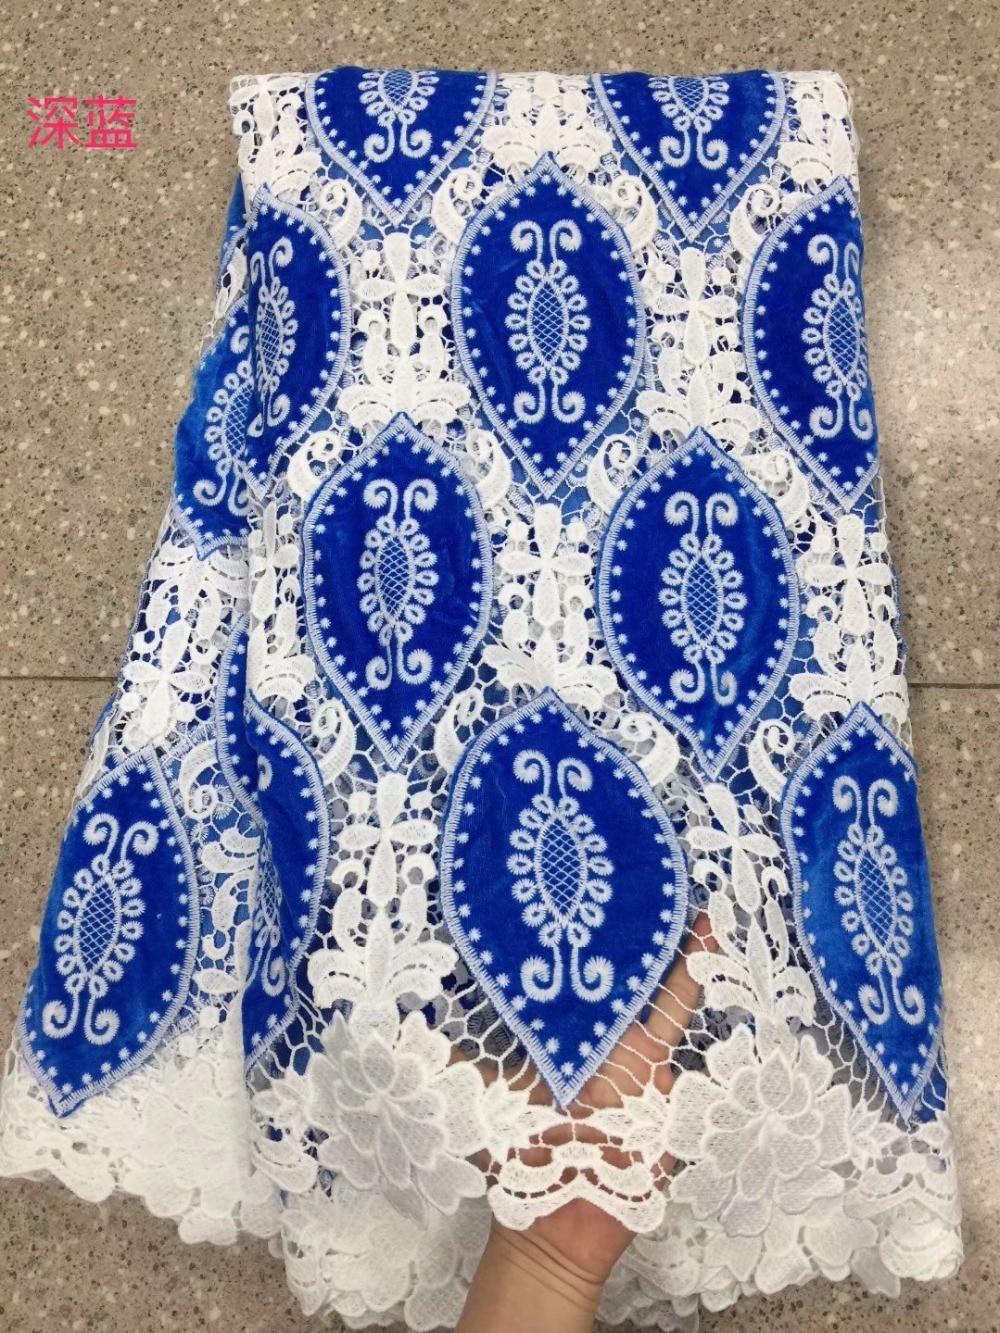 2019 czarny biały ostatnie nigerii francuski koronki tkaniny wysokiej jakości tiul koronki afryki koronki tkaniny ślubne afryki aksamitna tiul koronka w Koronka od Dom i ogród na  Grupa 3